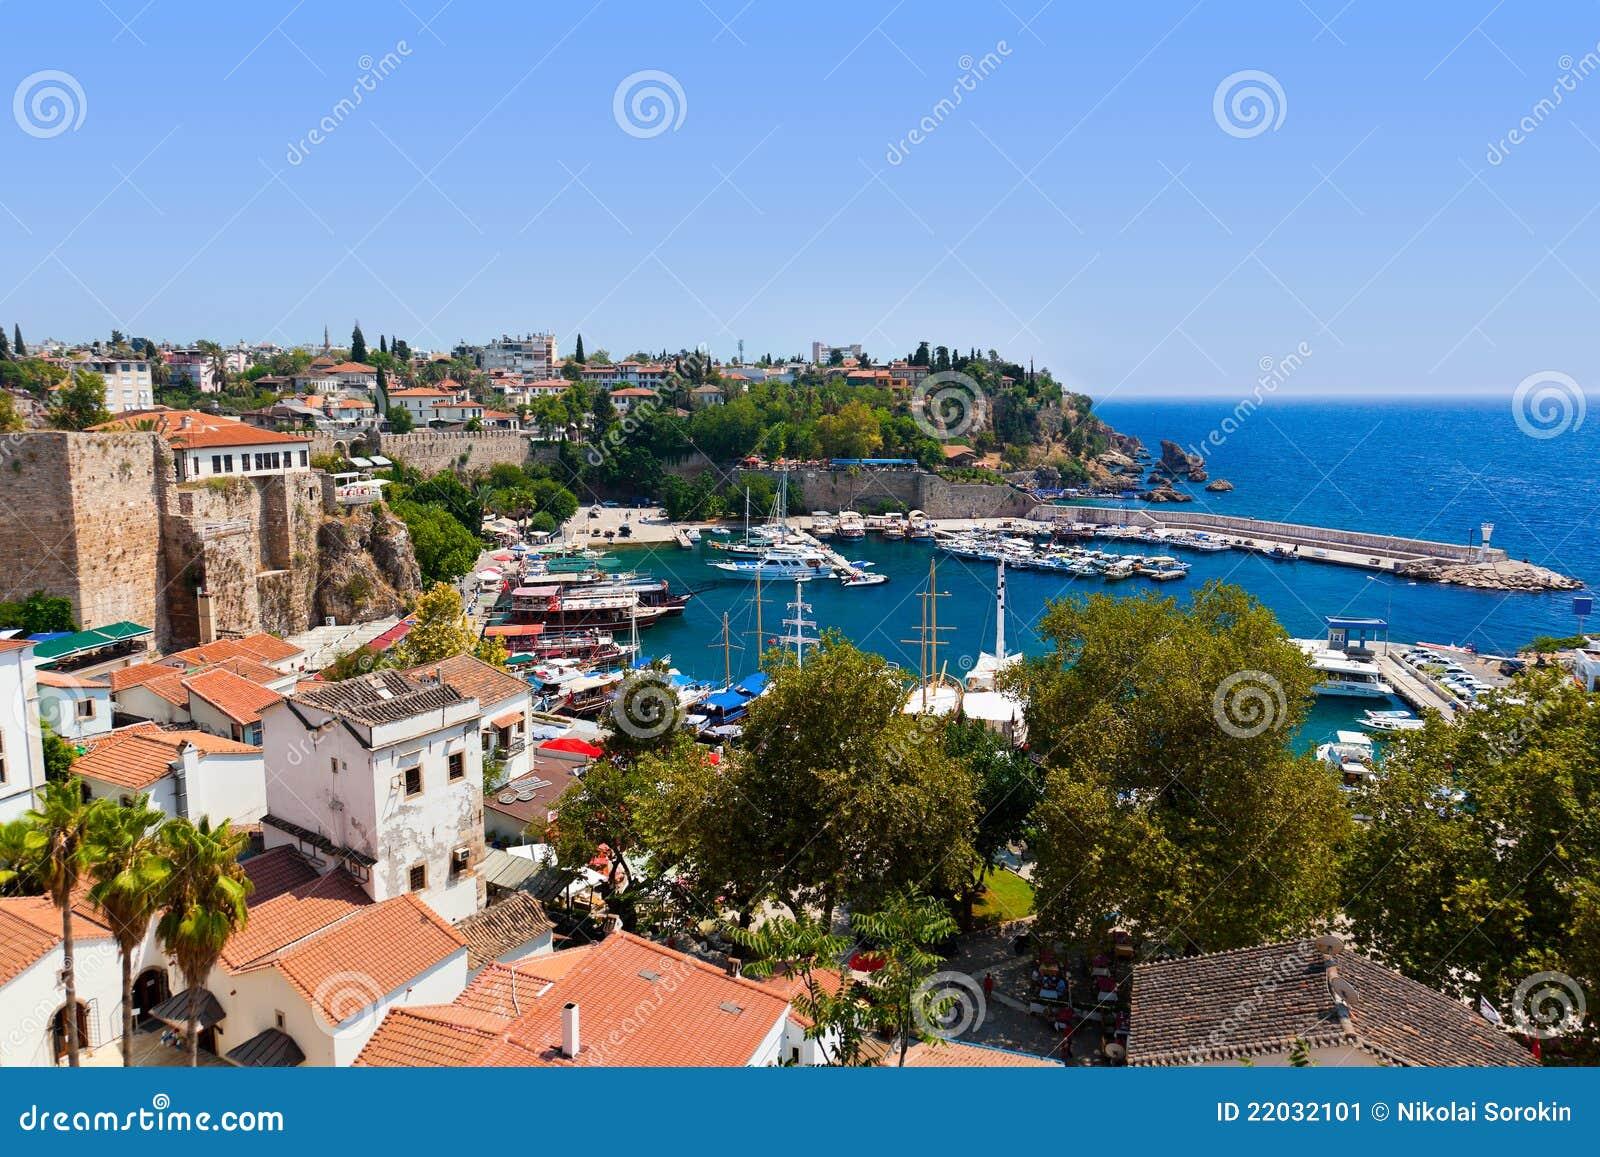 Old Town Kaleici In Antalya, Turkey Stock Image - Image ...